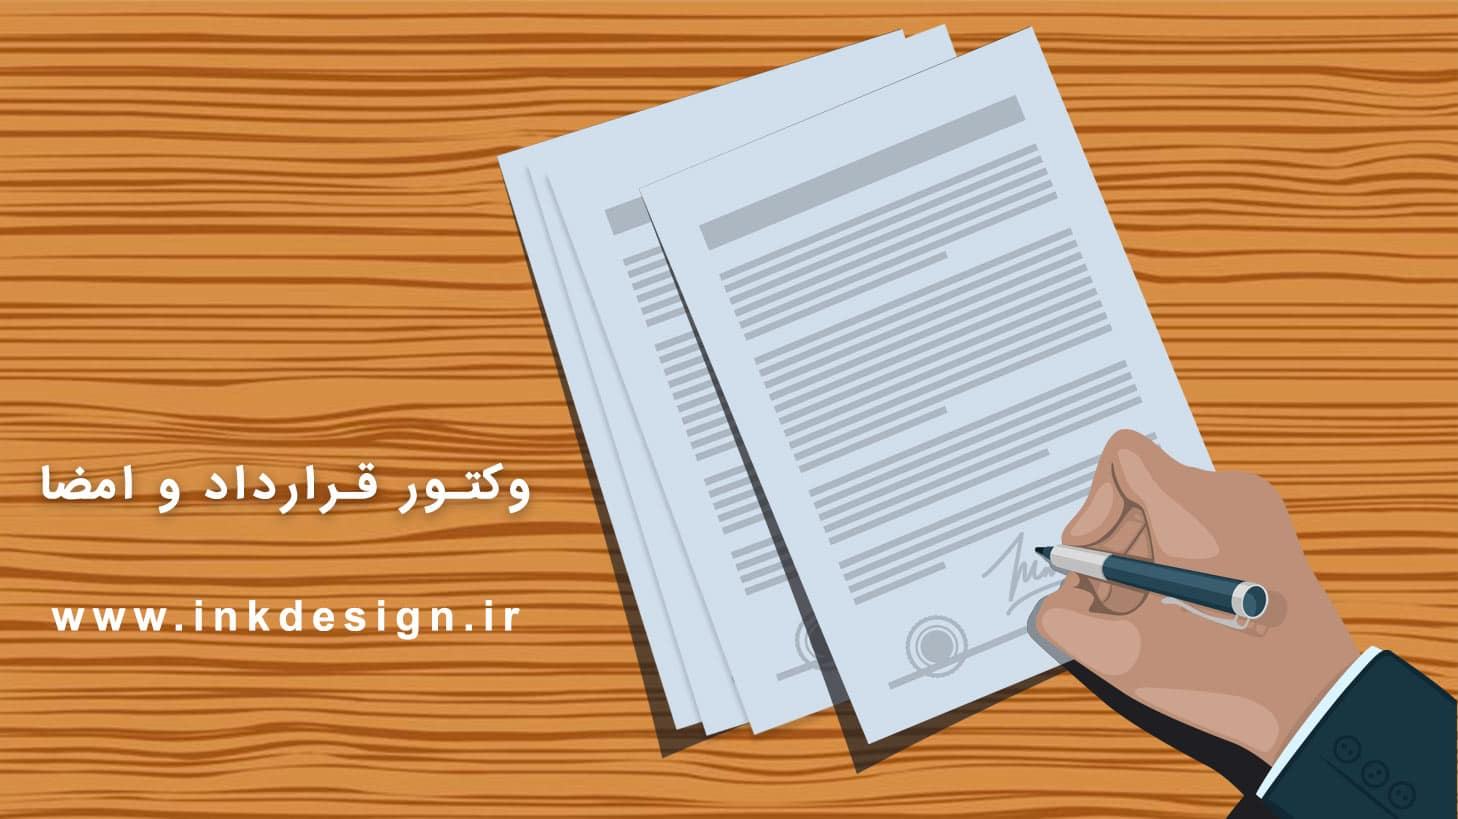 وکتور قرارداد و امضای قرارداد